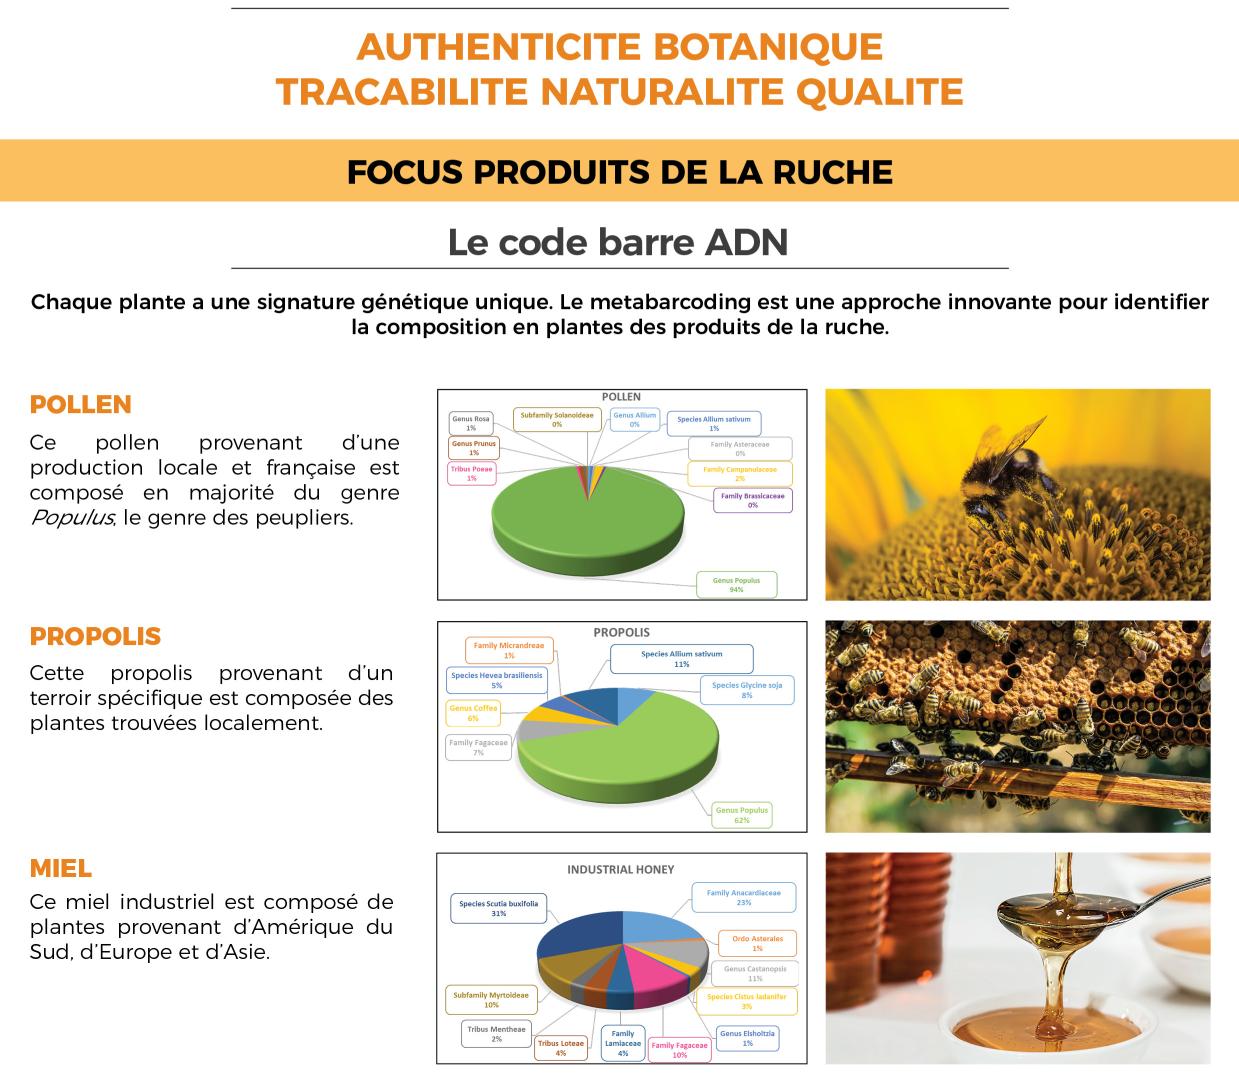 Expertise miel, exemple de résultats